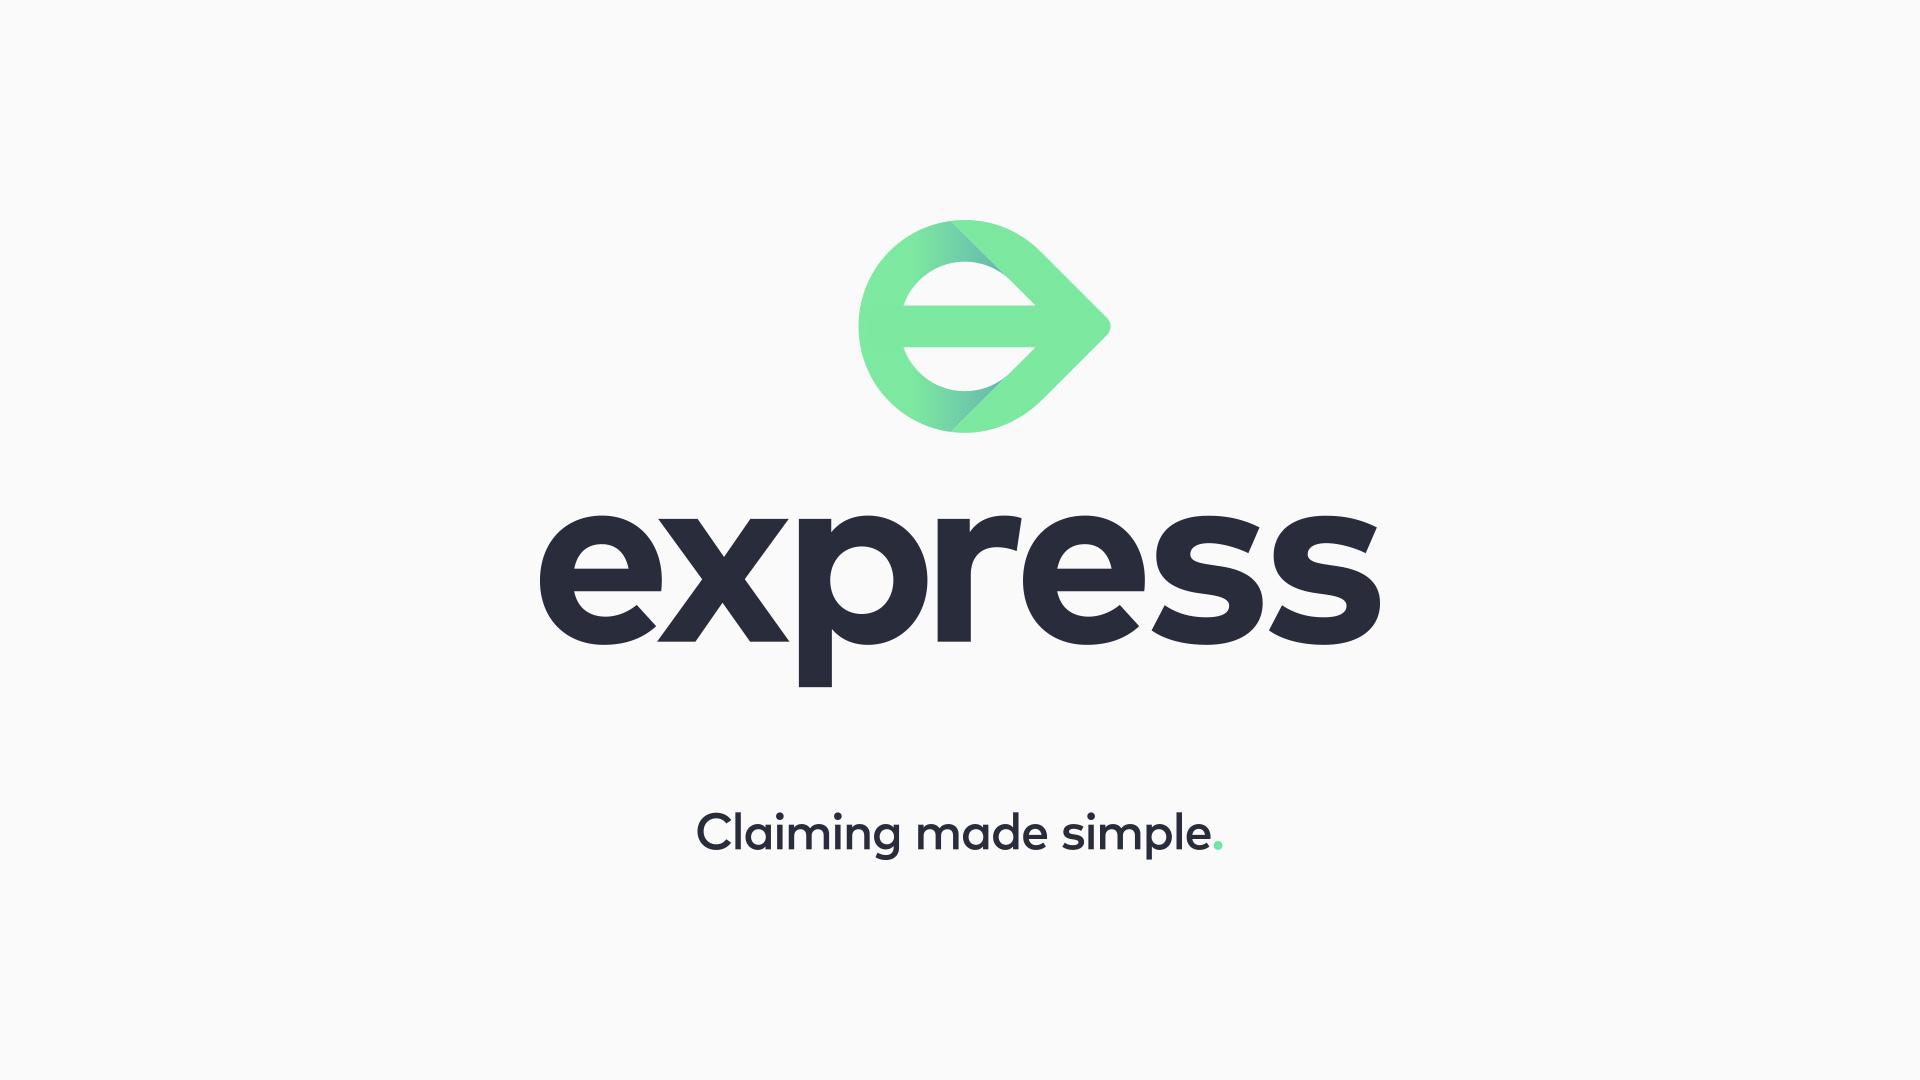 Express - brand